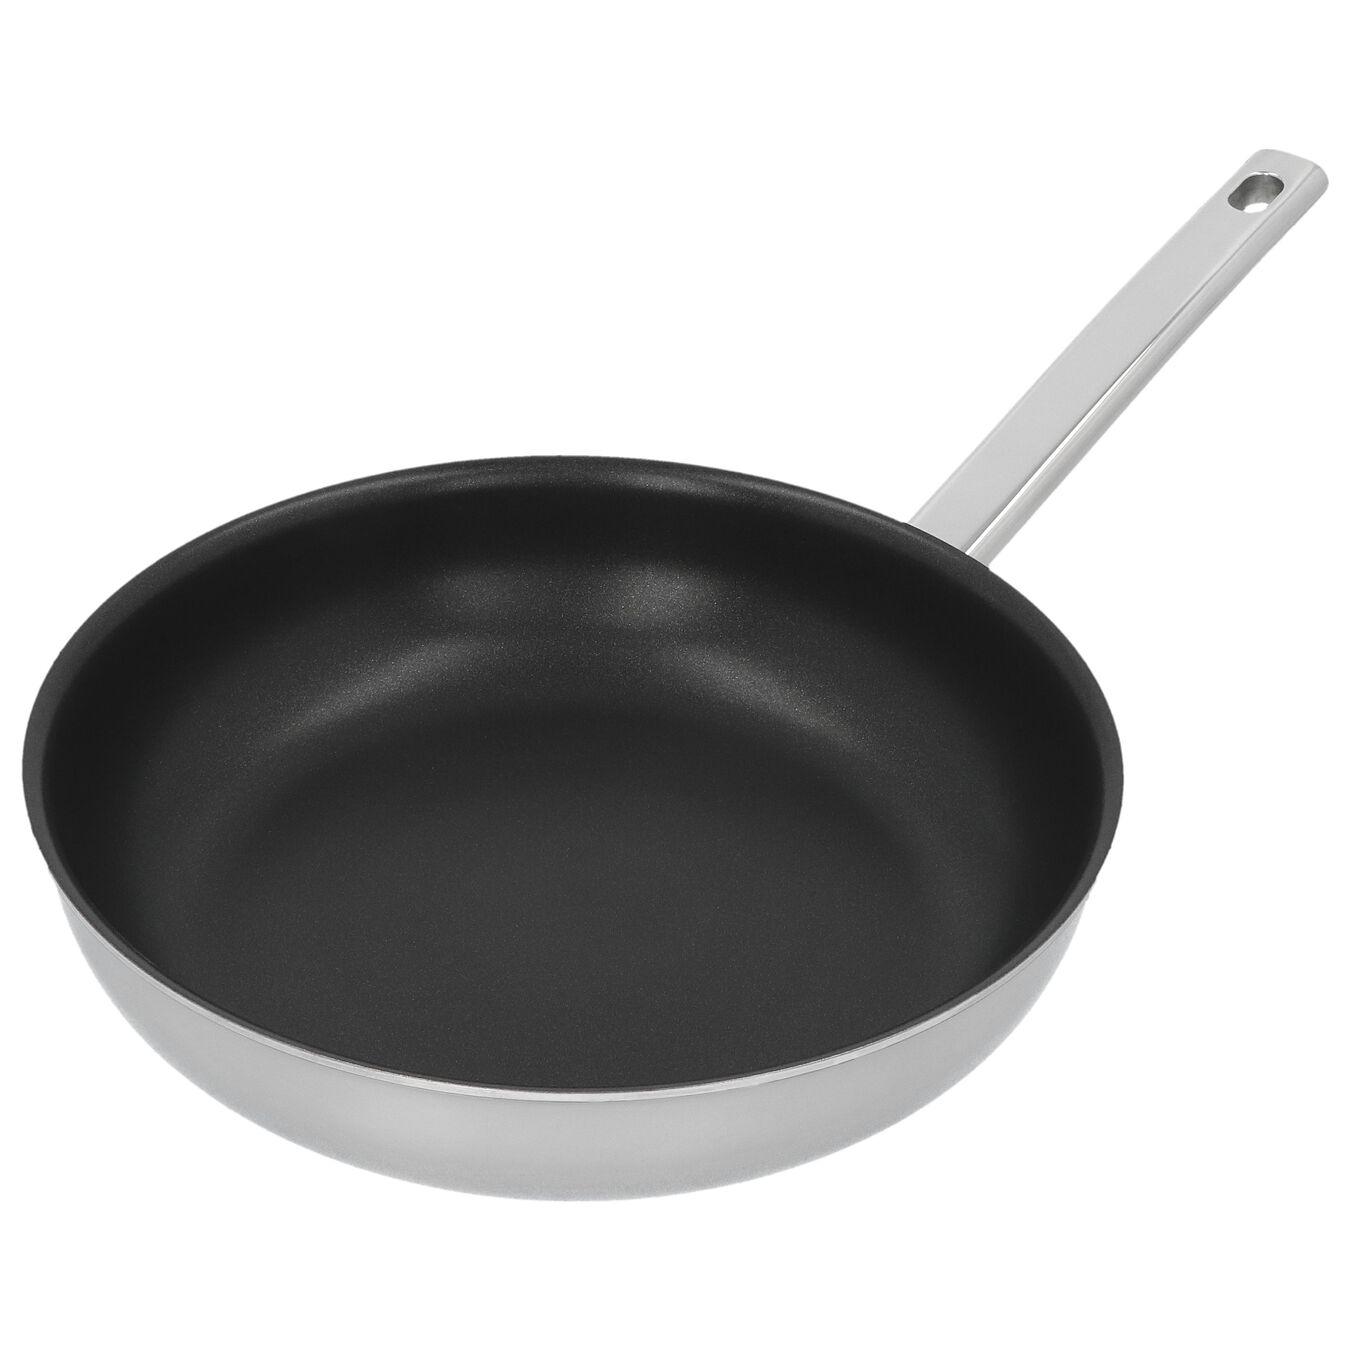 Poêle 24 cm, Inox 18/10, Noir argenté,,large 3